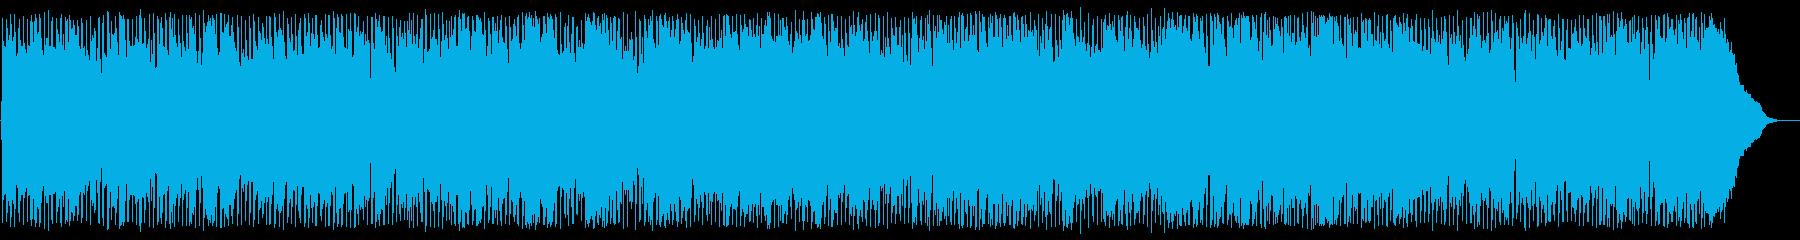 パッヘルベルのカノン(acoustic)の再生済みの波形